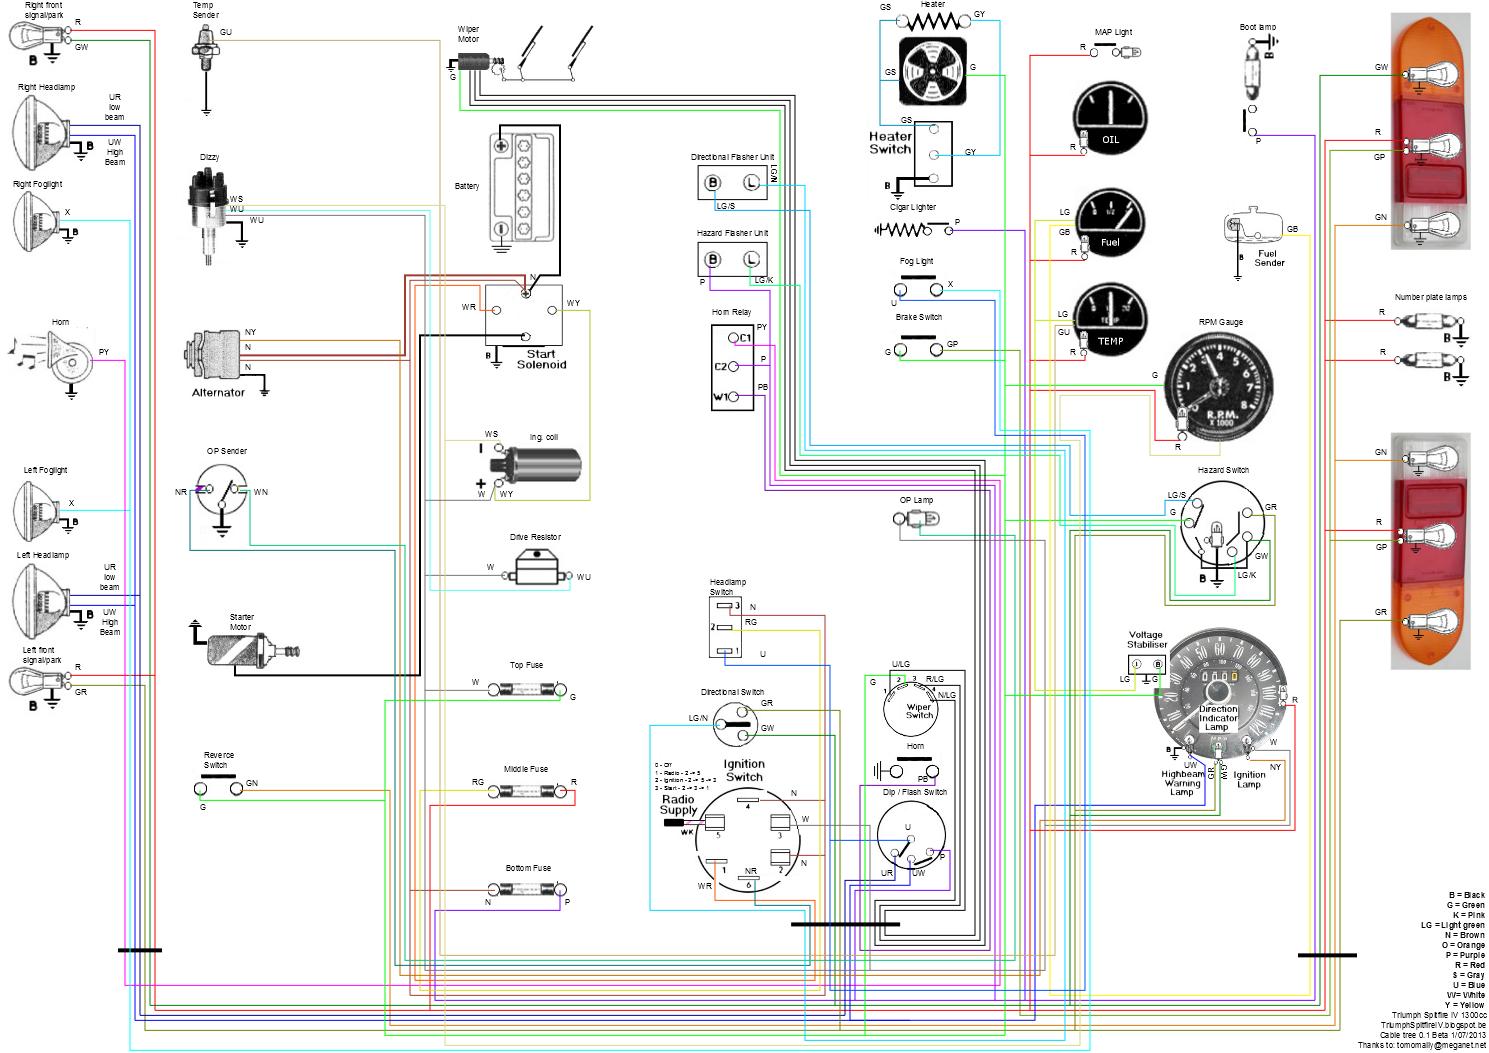 medium resolution of 1970 tr6 wiring diagrams wiring diagram triumph tr6 transmission triumph tr6 fog lamp wiring diagram